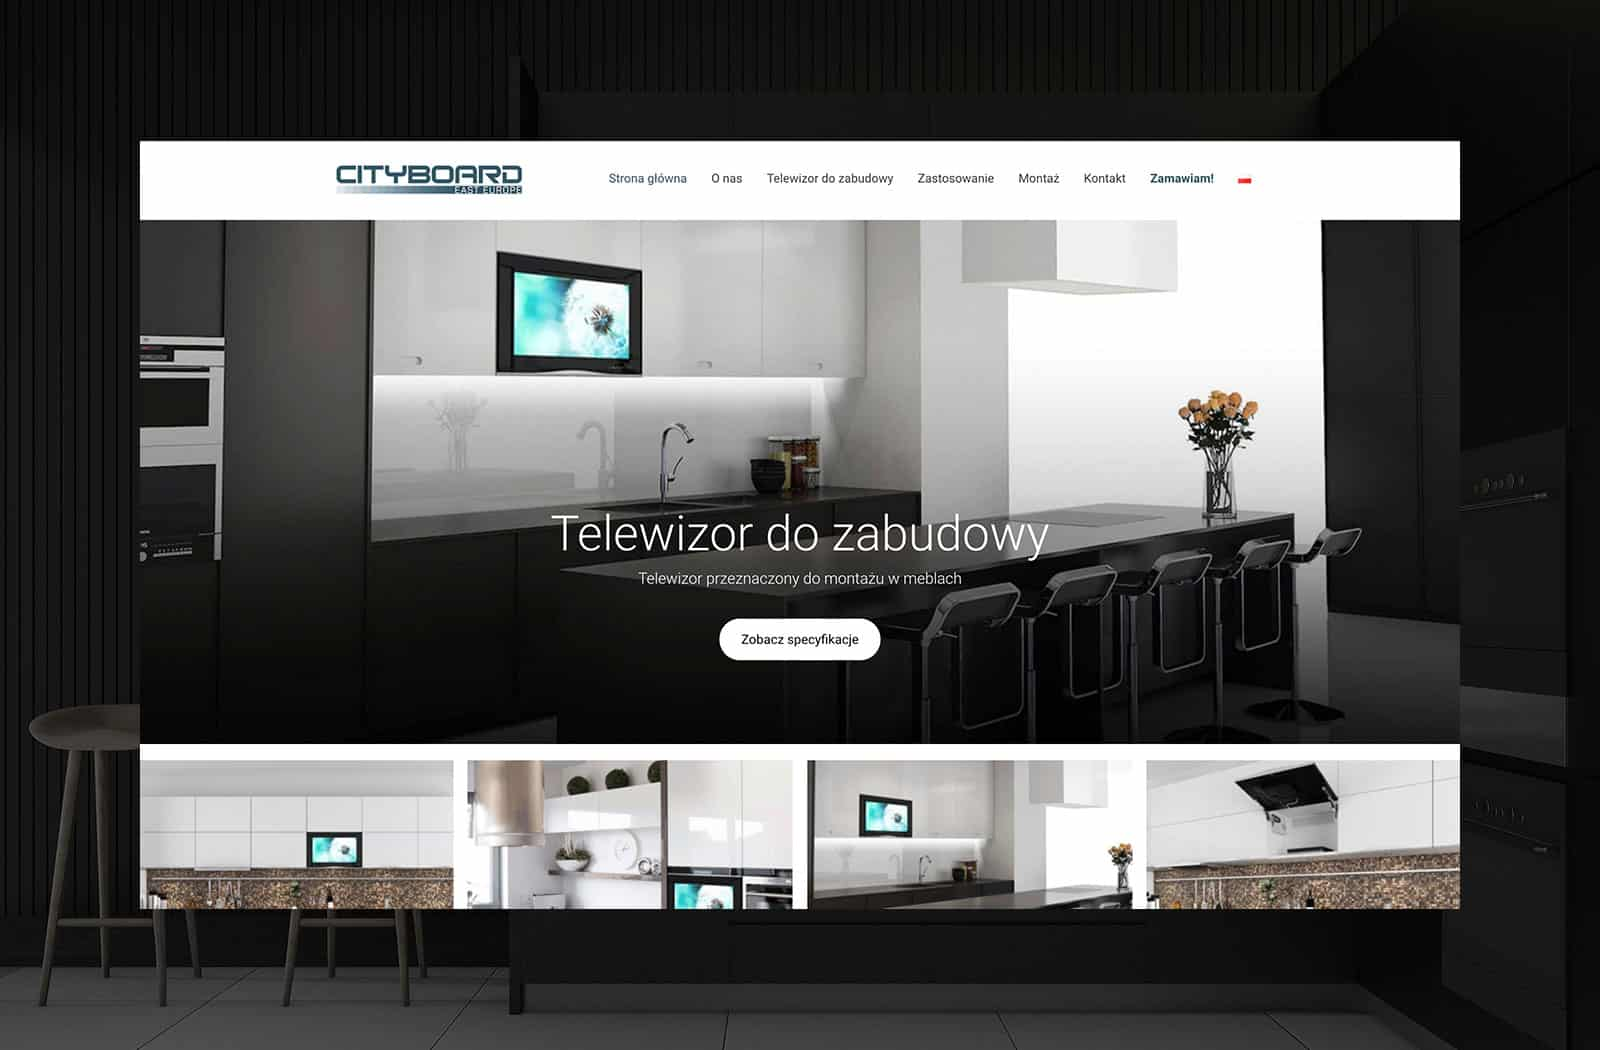 Telewizor dozabudowy